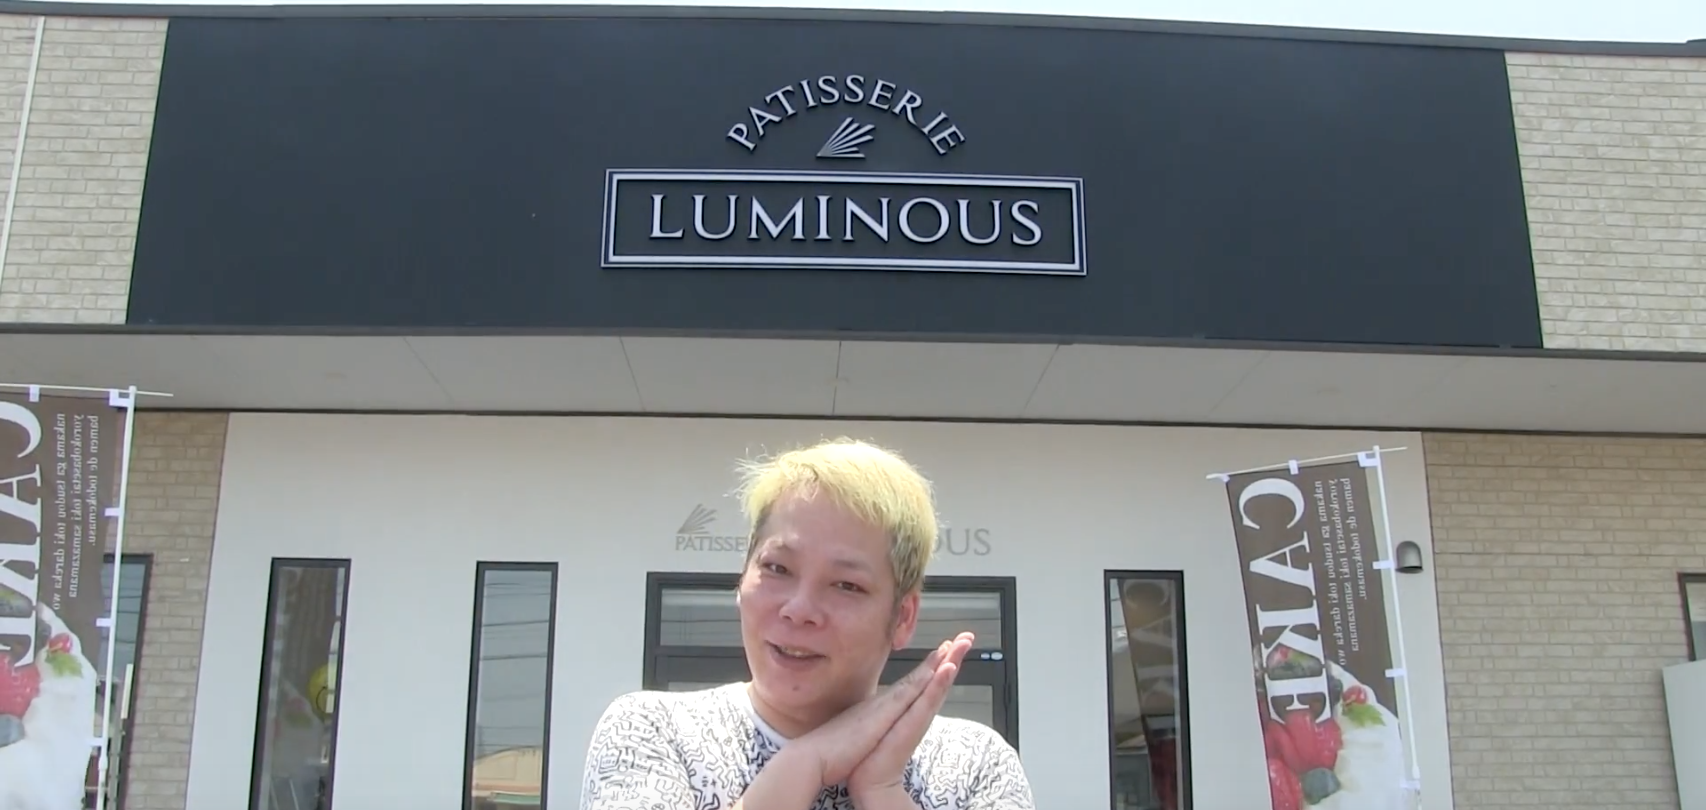 うしくぅPATISSERIE LUMINOUS (パティスリールミナス)